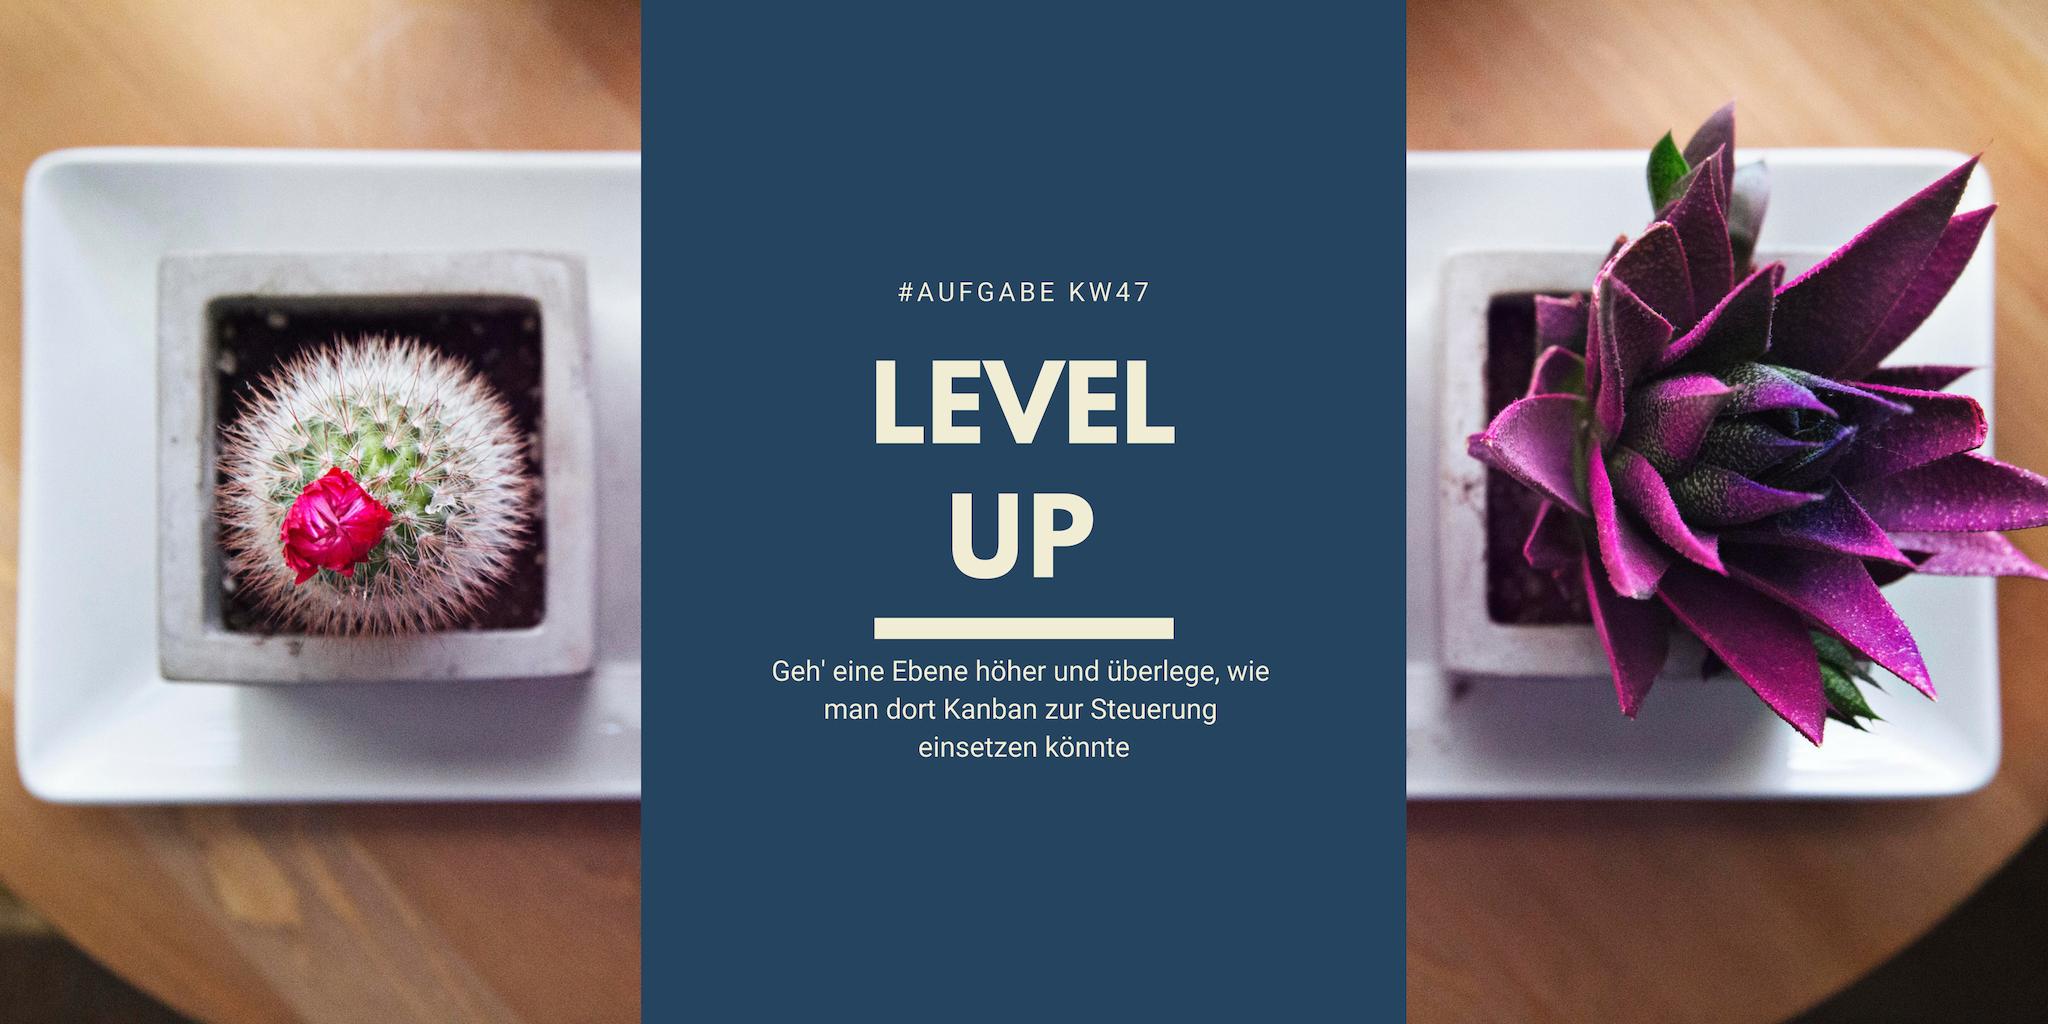 KW47 - Level up